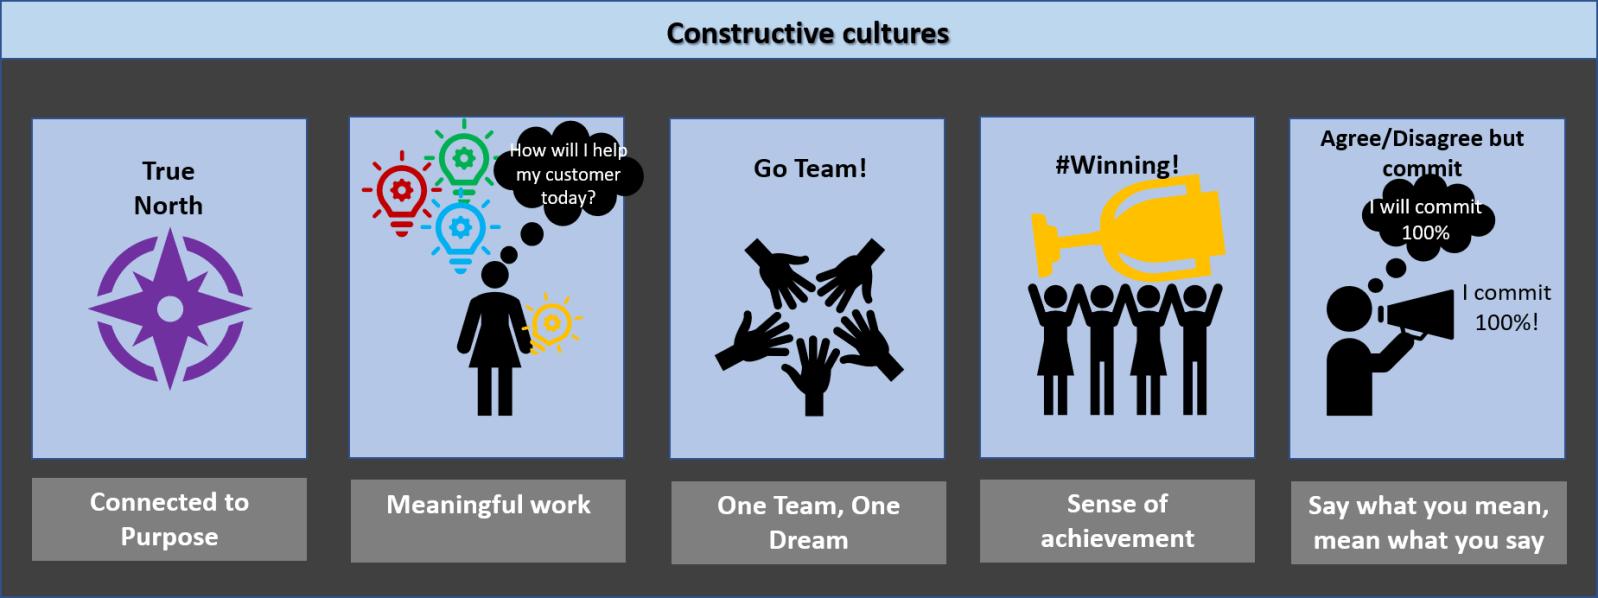 constructive cultures